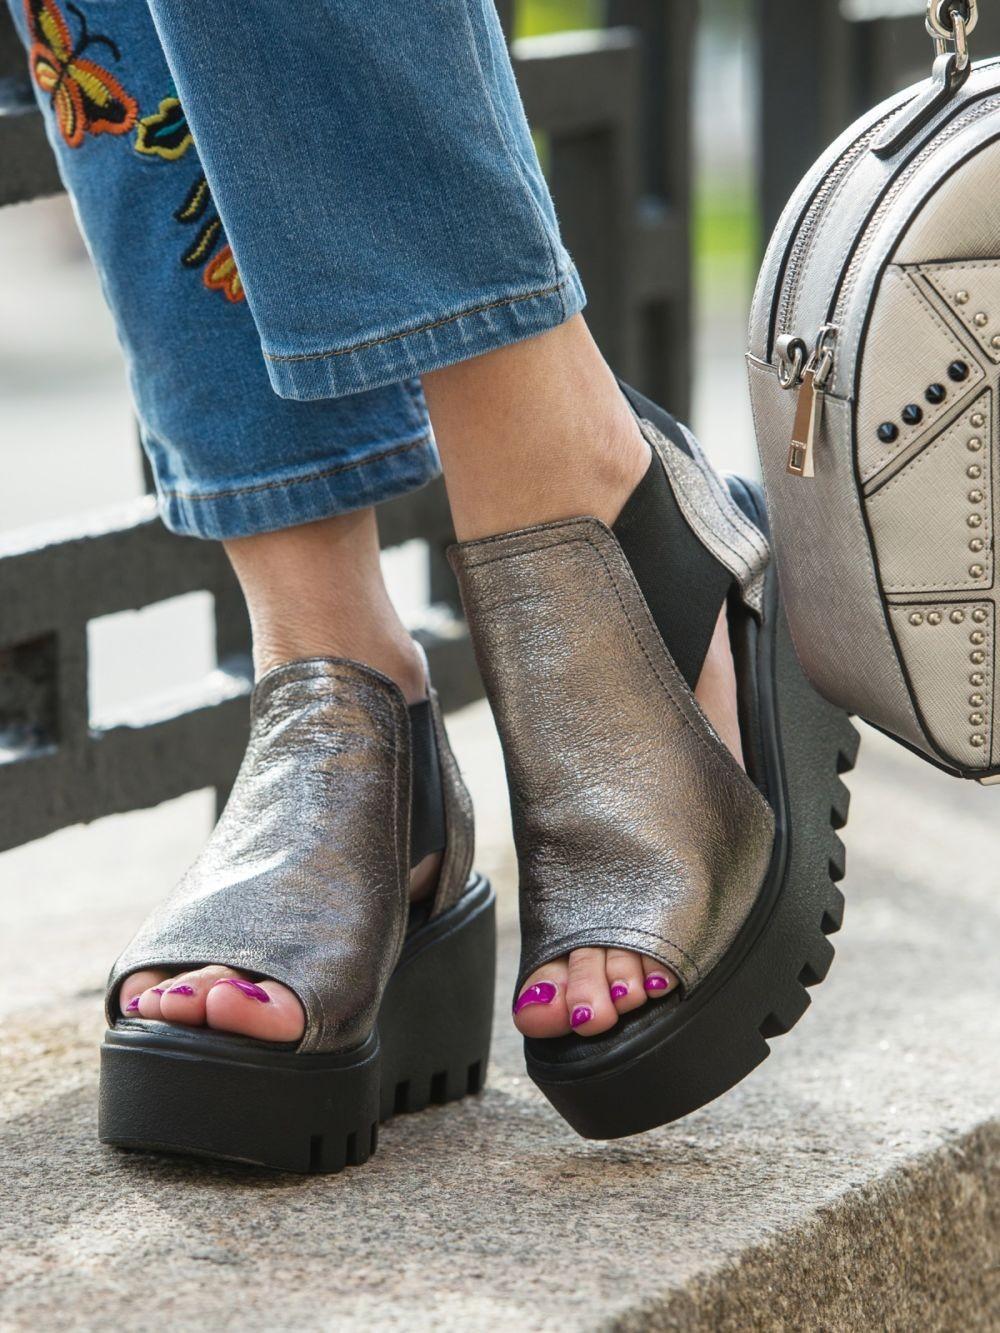 босоножки обувь на тракторной подошве с чем носить под синие джинсы